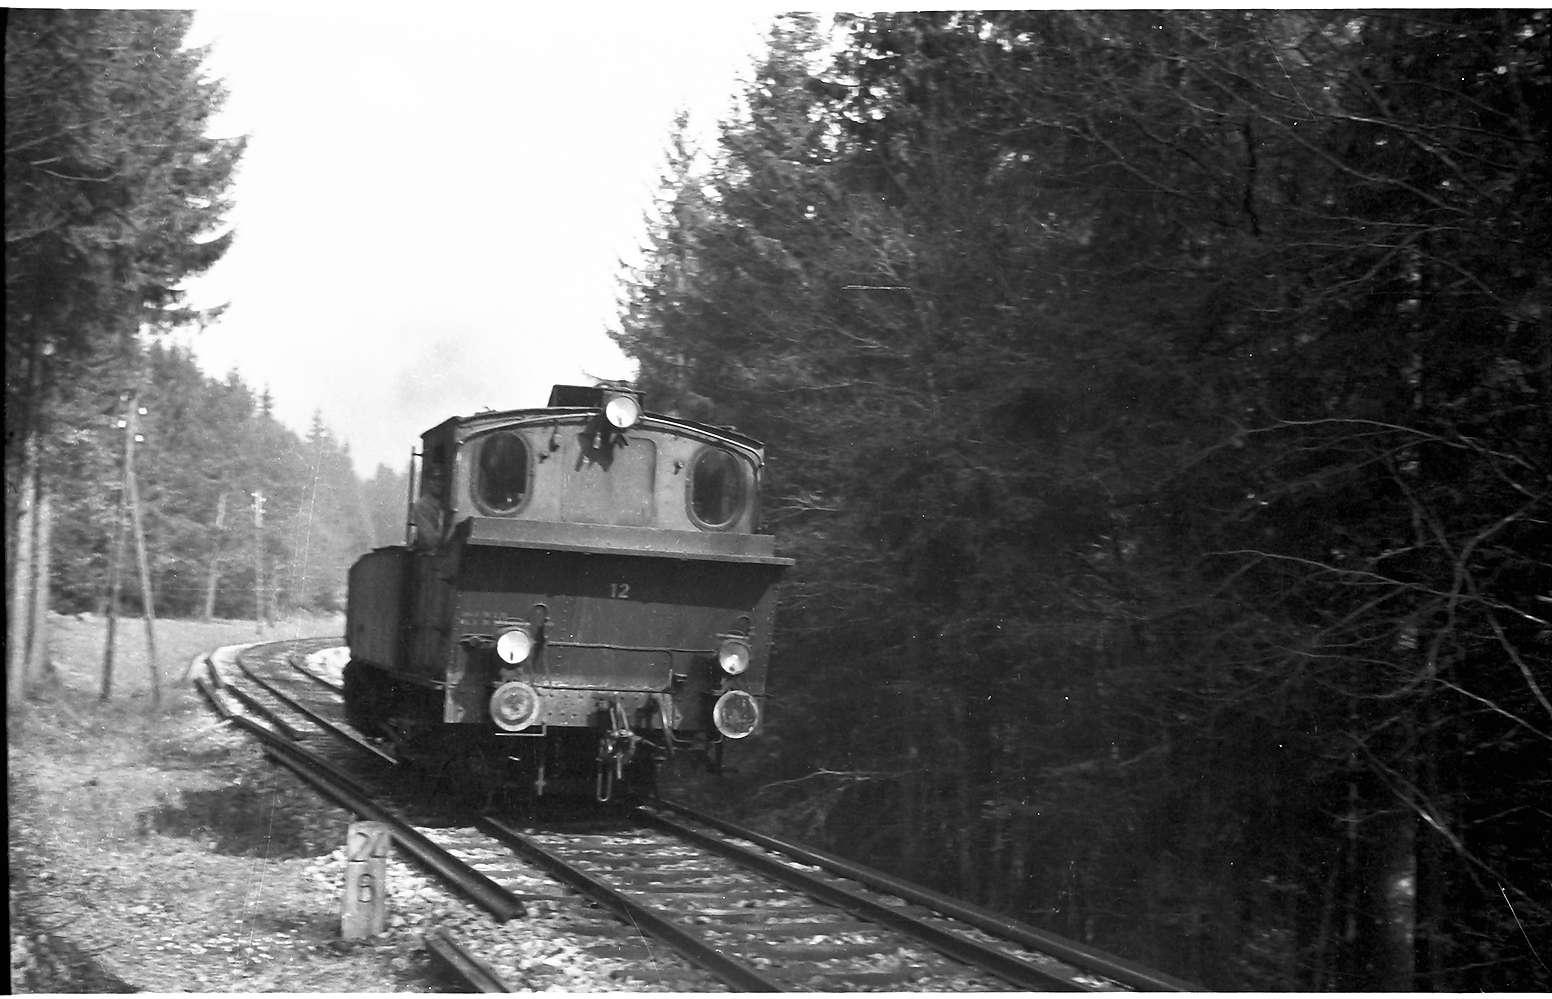 Lok 12, Strecke Gammertingen - Neufra, Lok 12 holt in einer zweiten Fahrt einen einzelnen Rungenwagen, beladen mit Halbzeugen, abgestellt am Bahnhof Neufra, Bild 1